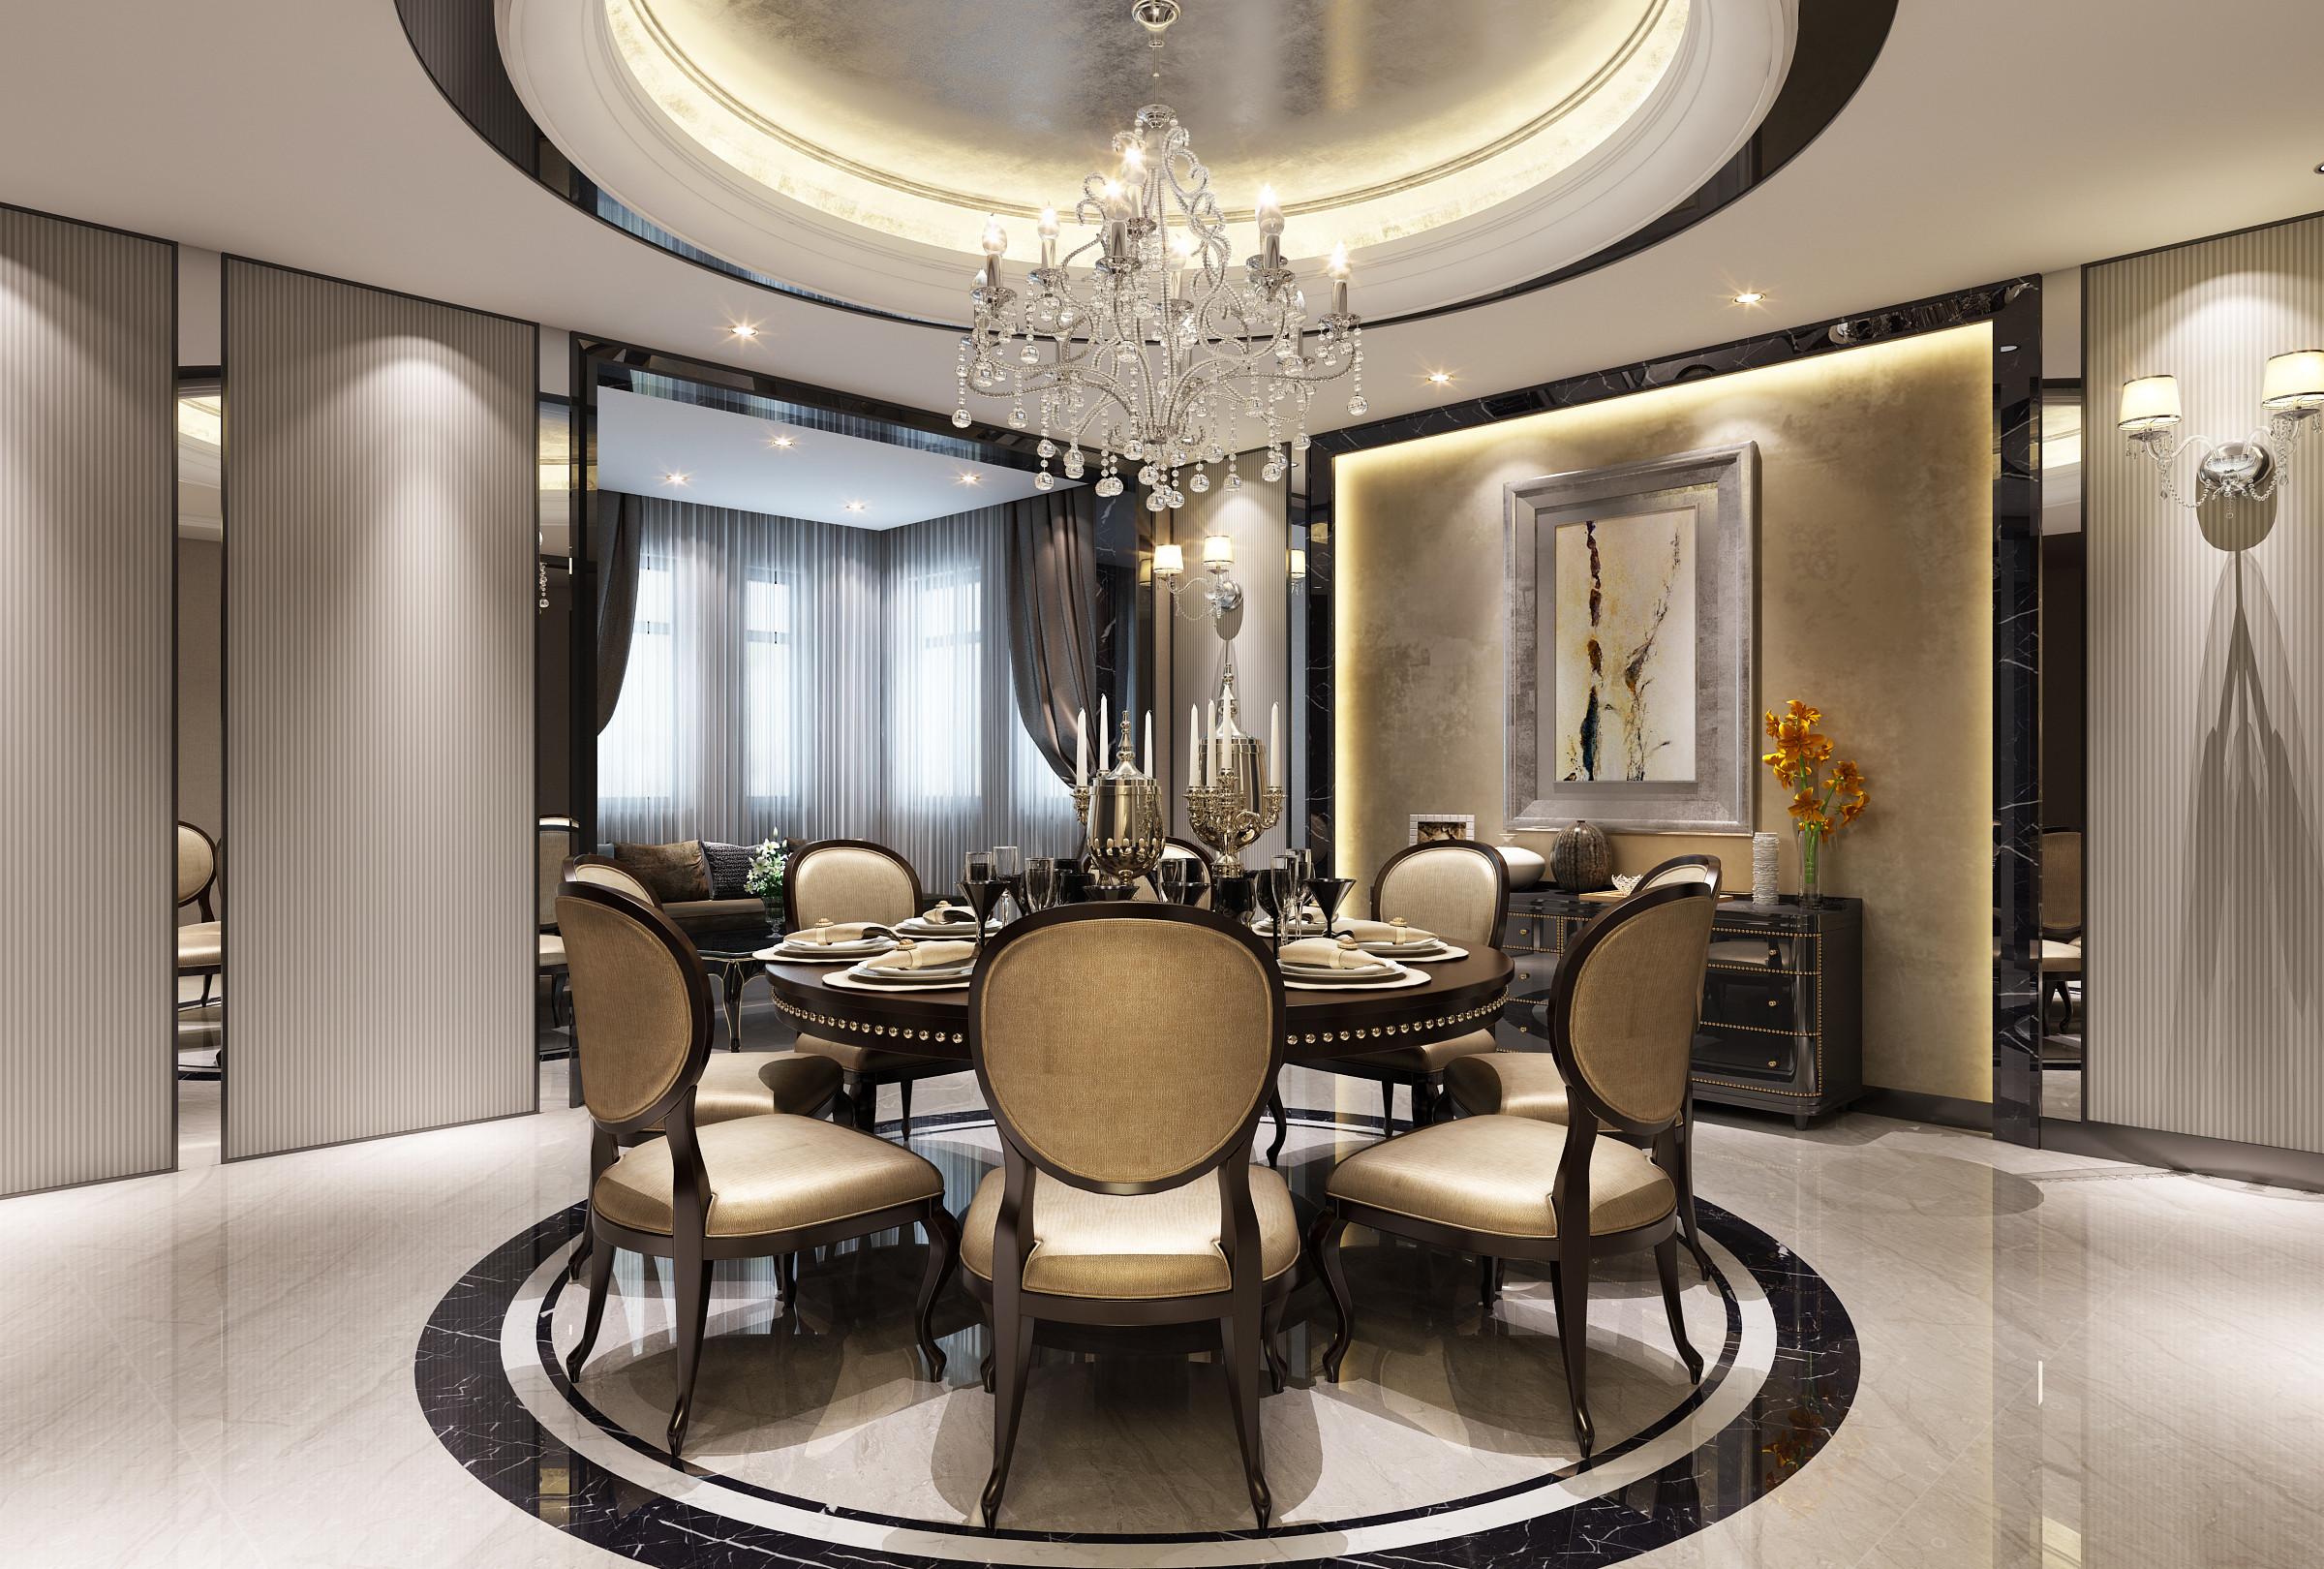 观庭别墅 别墅装修 美式风格 腾龙设计 餐厅图片来自腾龙设计在观庭别墅项目装修美式风格设计的分享